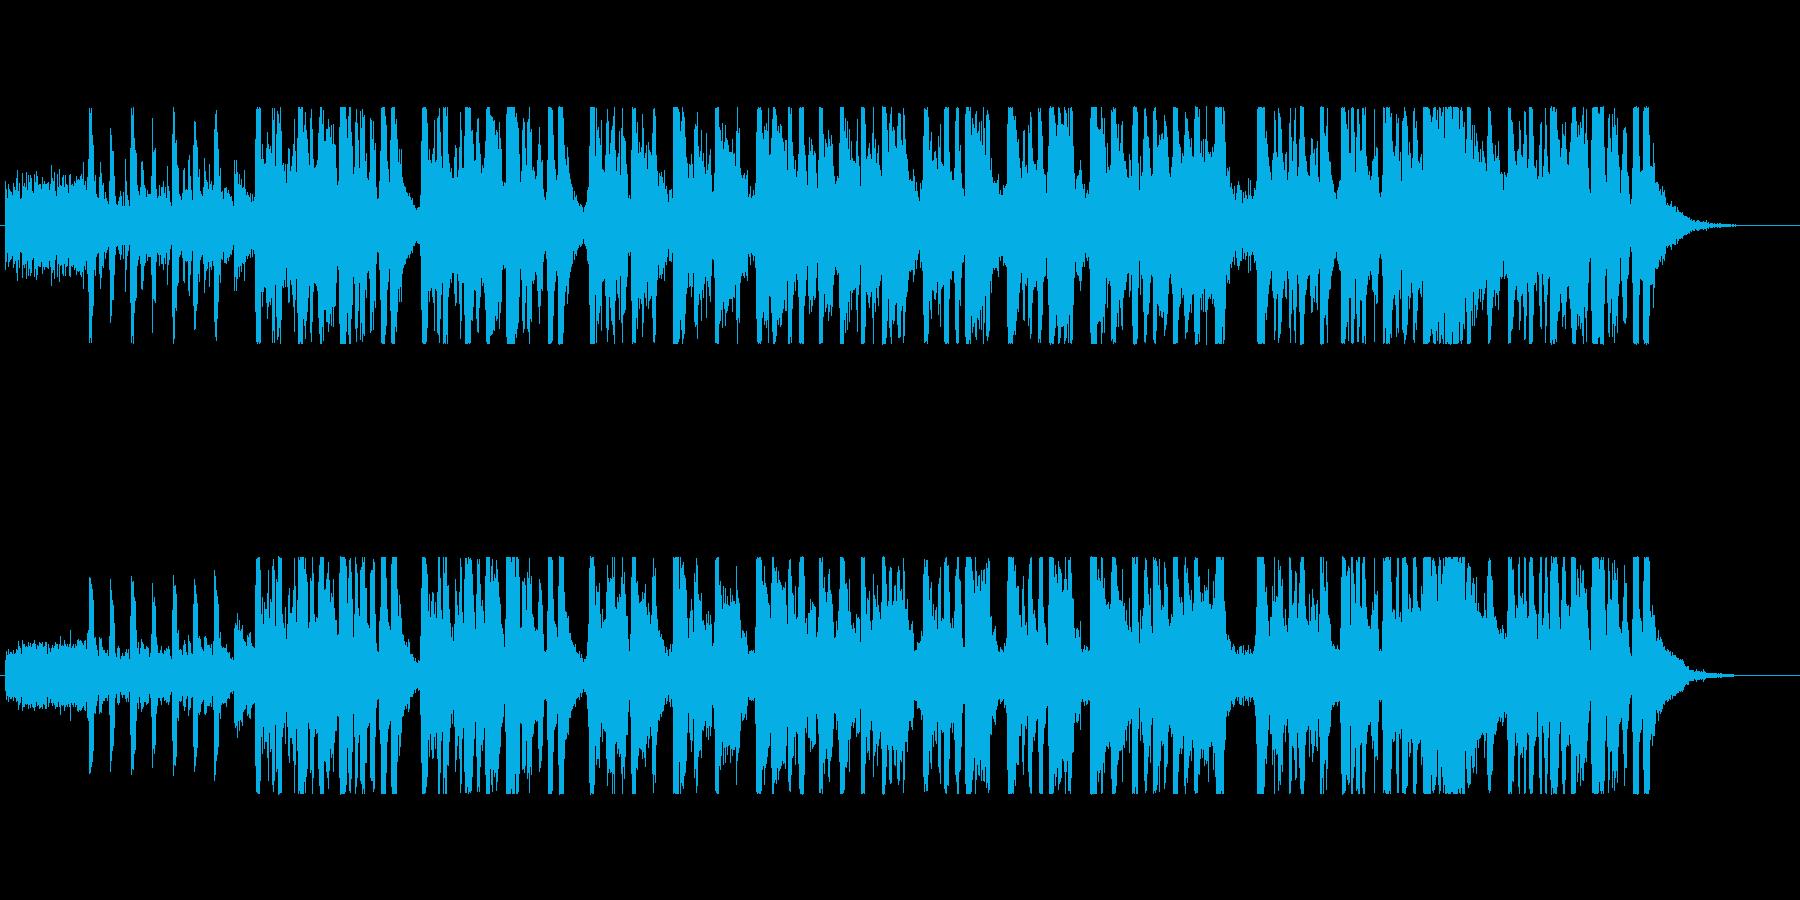 ジャガイモをテーマにした楽曲の再生済みの波形